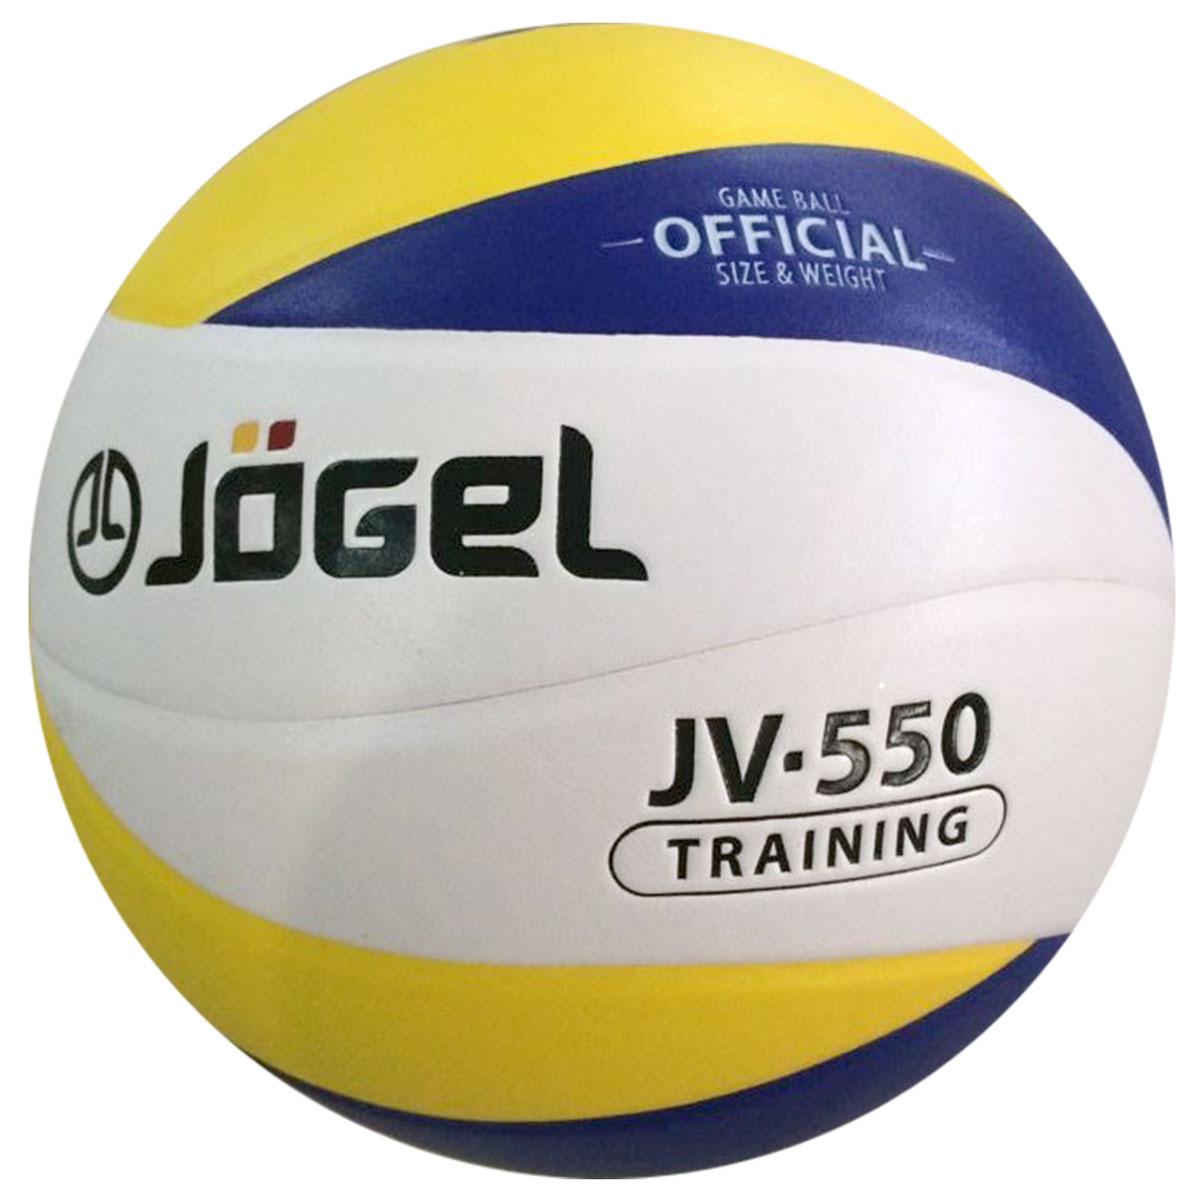 """Мяч волейбольный """"Jogel"""", цвет: синий, желтый. Размер 5. JV-550 УТ-00009343"""